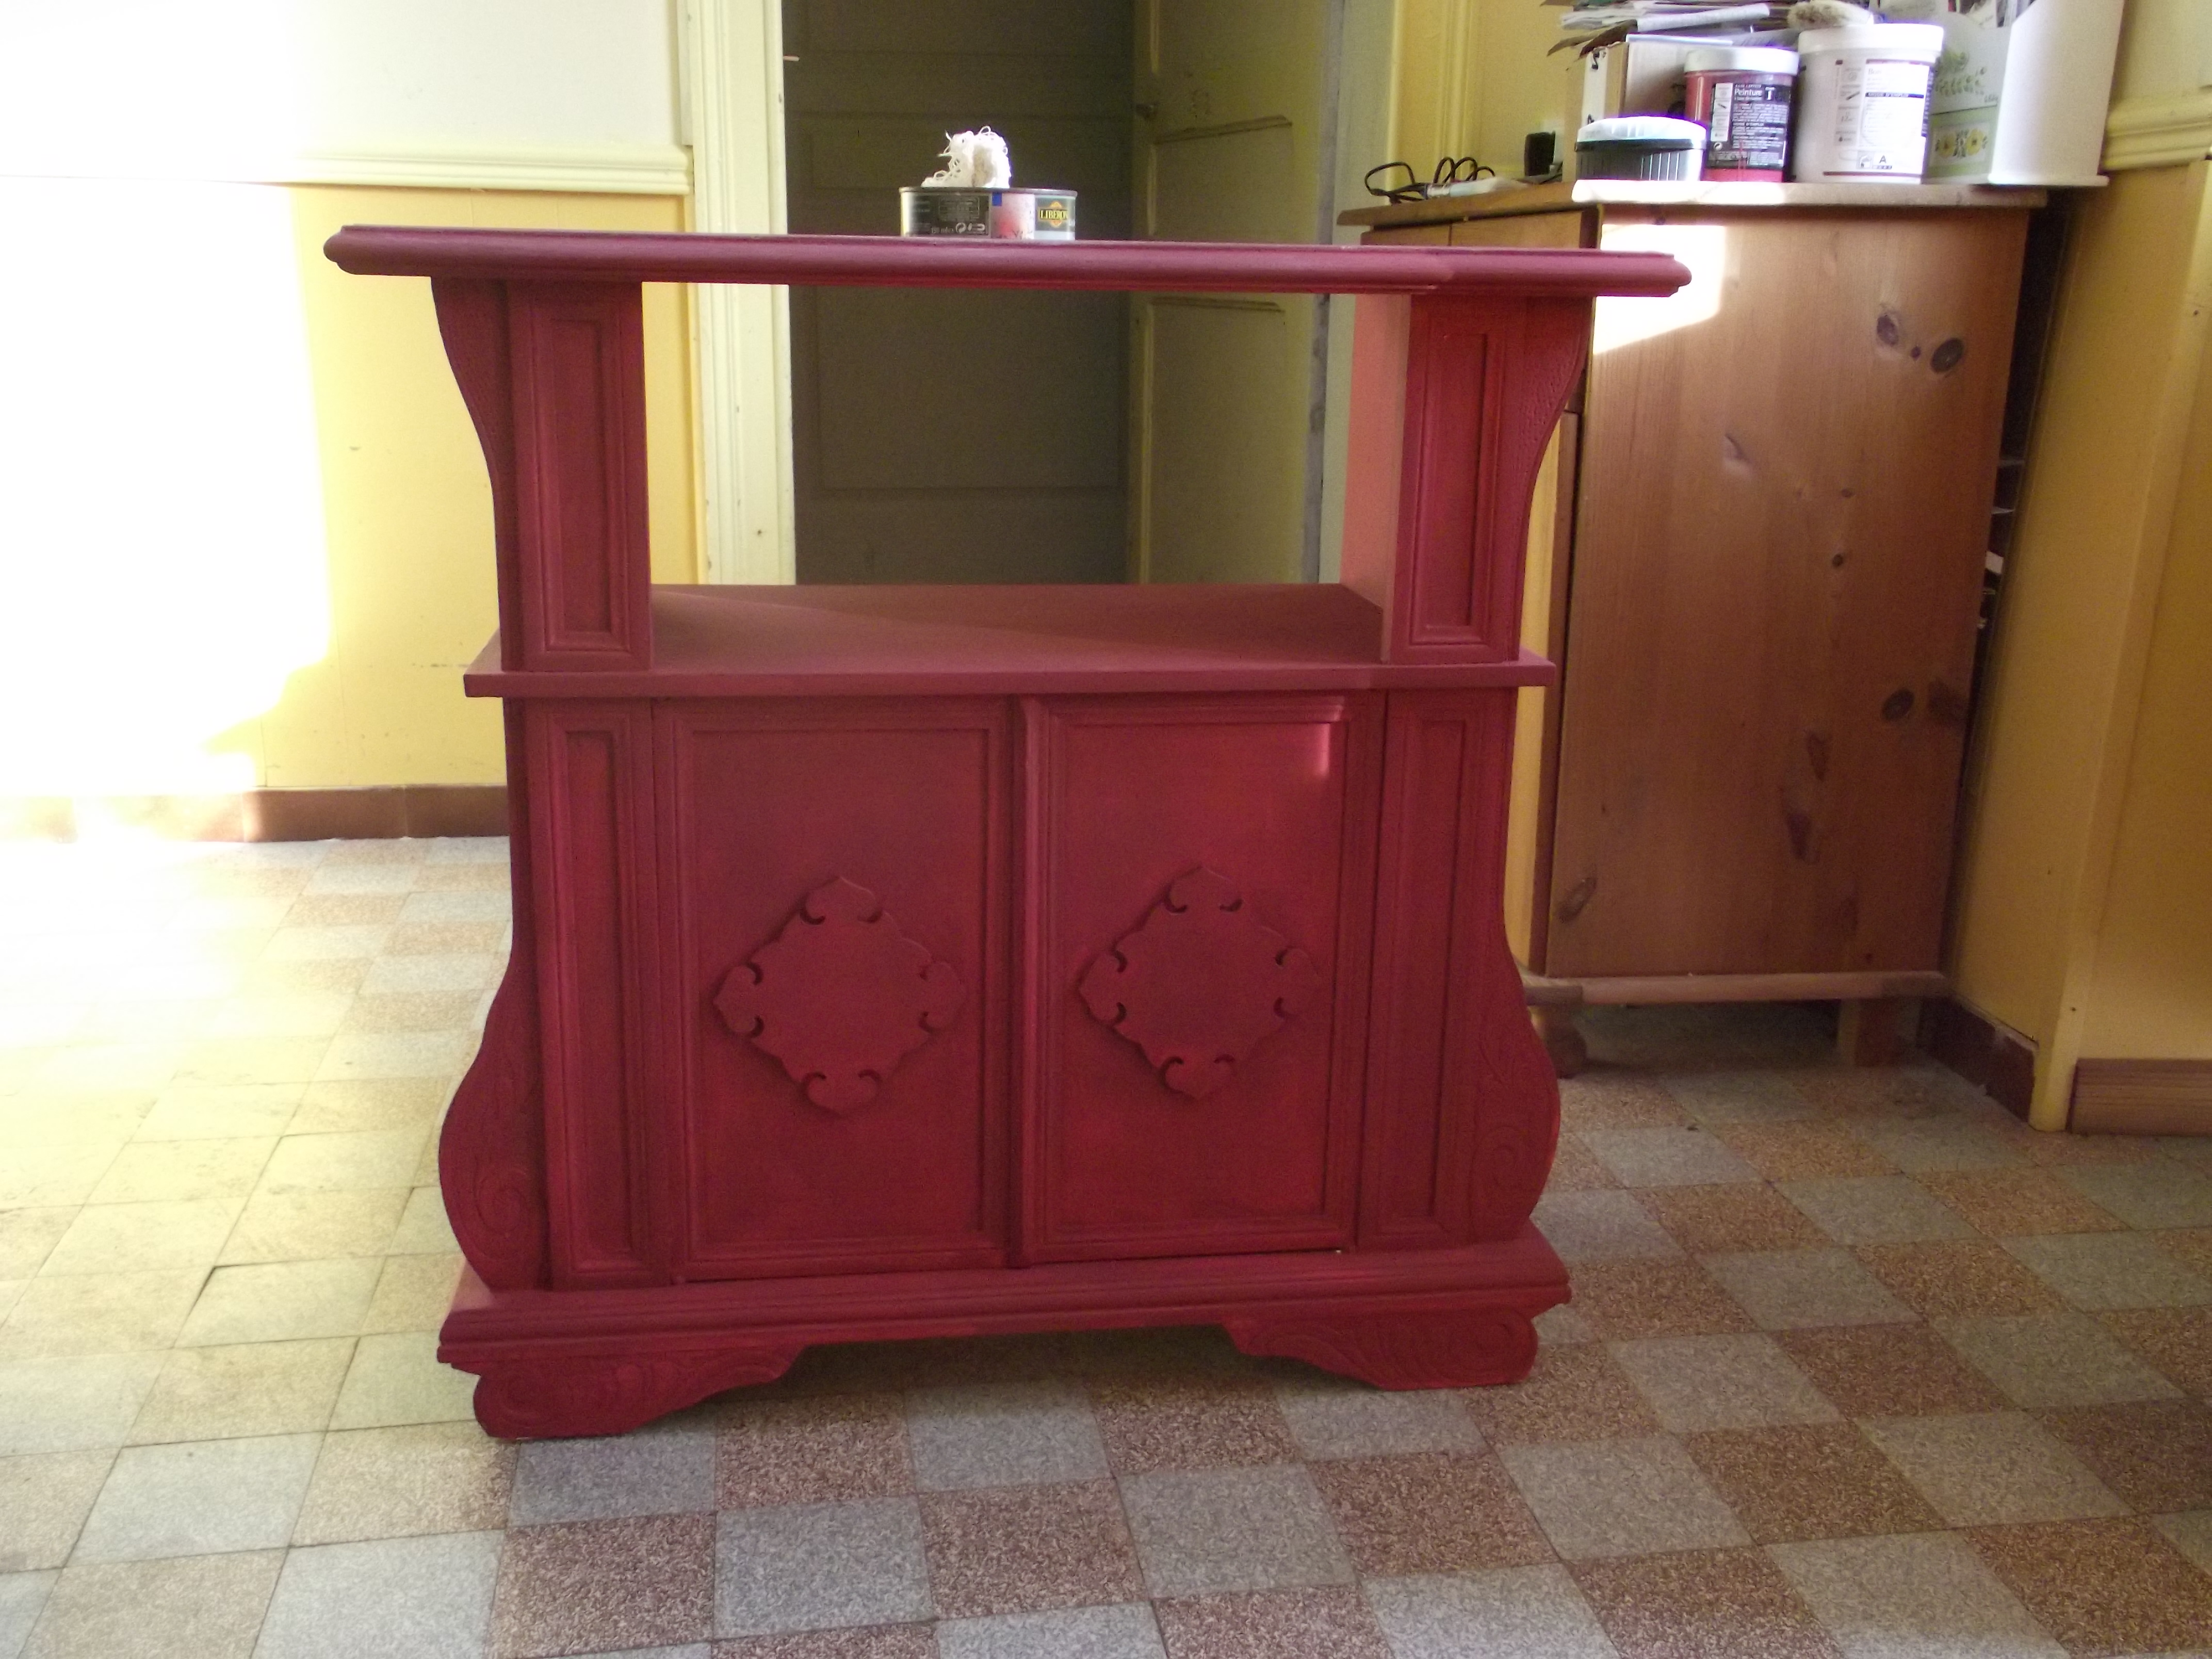 restauration d un petit meuble j 39 aime ceci et aussi cela. Black Bedroom Furniture Sets. Home Design Ideas